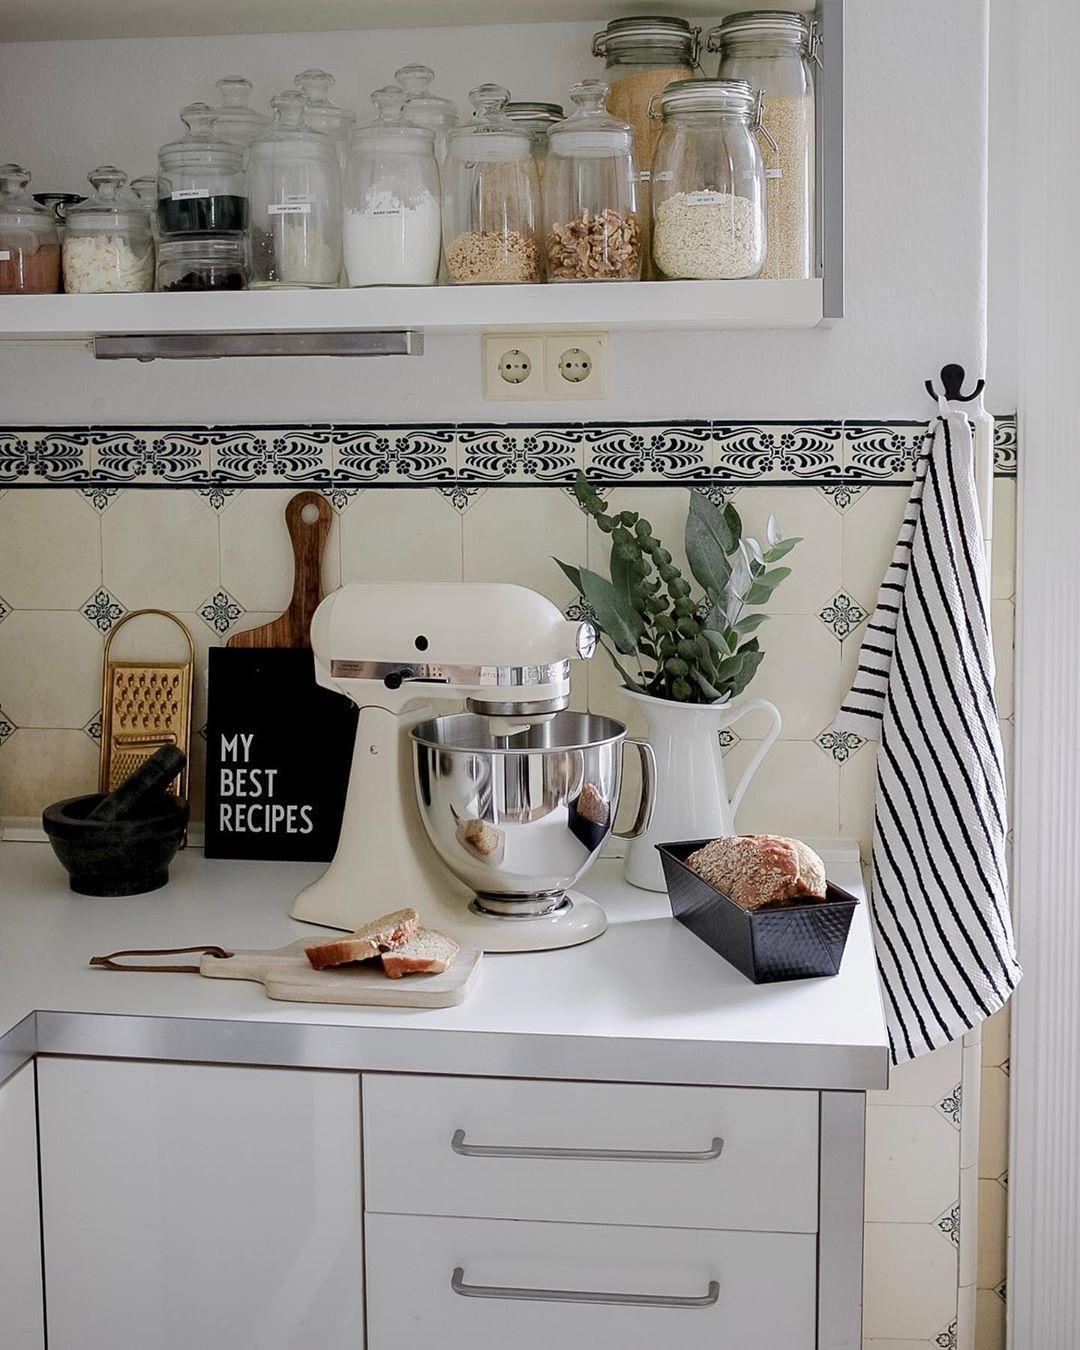 Full Size of Kreidetafel In Der Küche Kreidetafel Für Die Küche Kreidetafel Küche Eiche Tafel Küche Kreide Küche Kreidetafel Küche